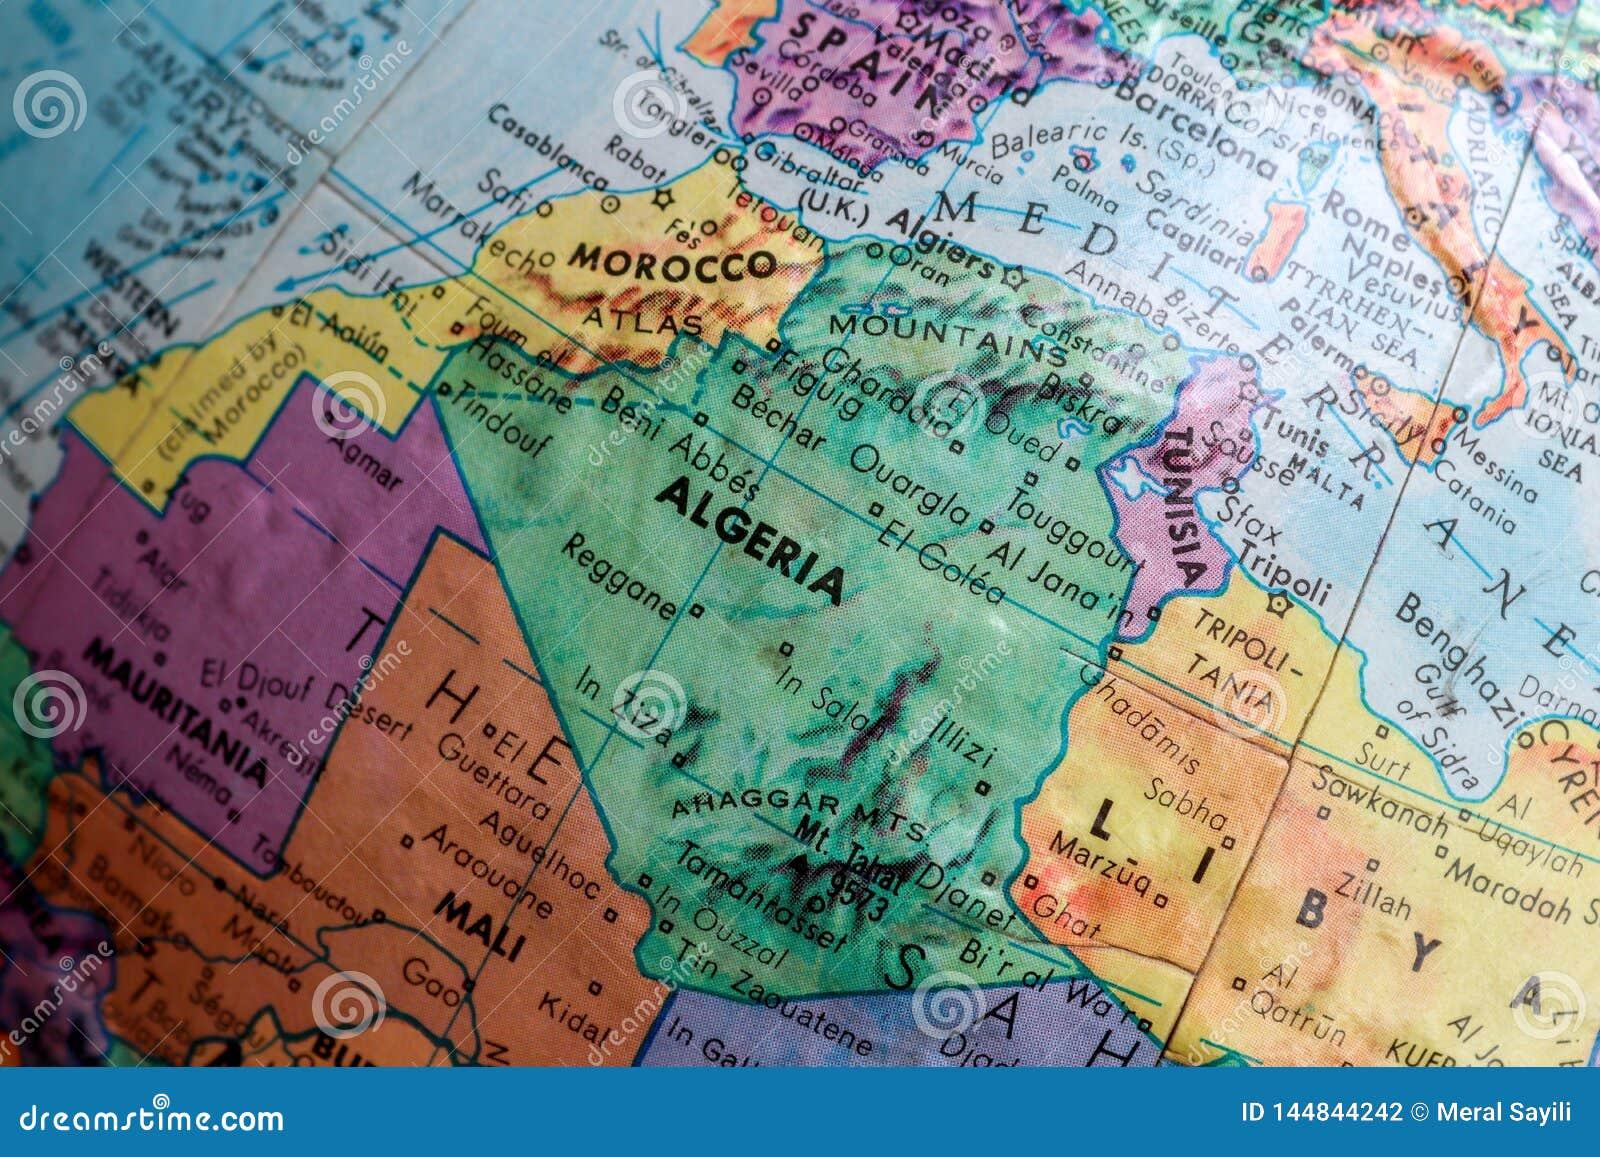 Gammal trycköversikt, jordiskt jordklot, africa, Marocko, Algeriet